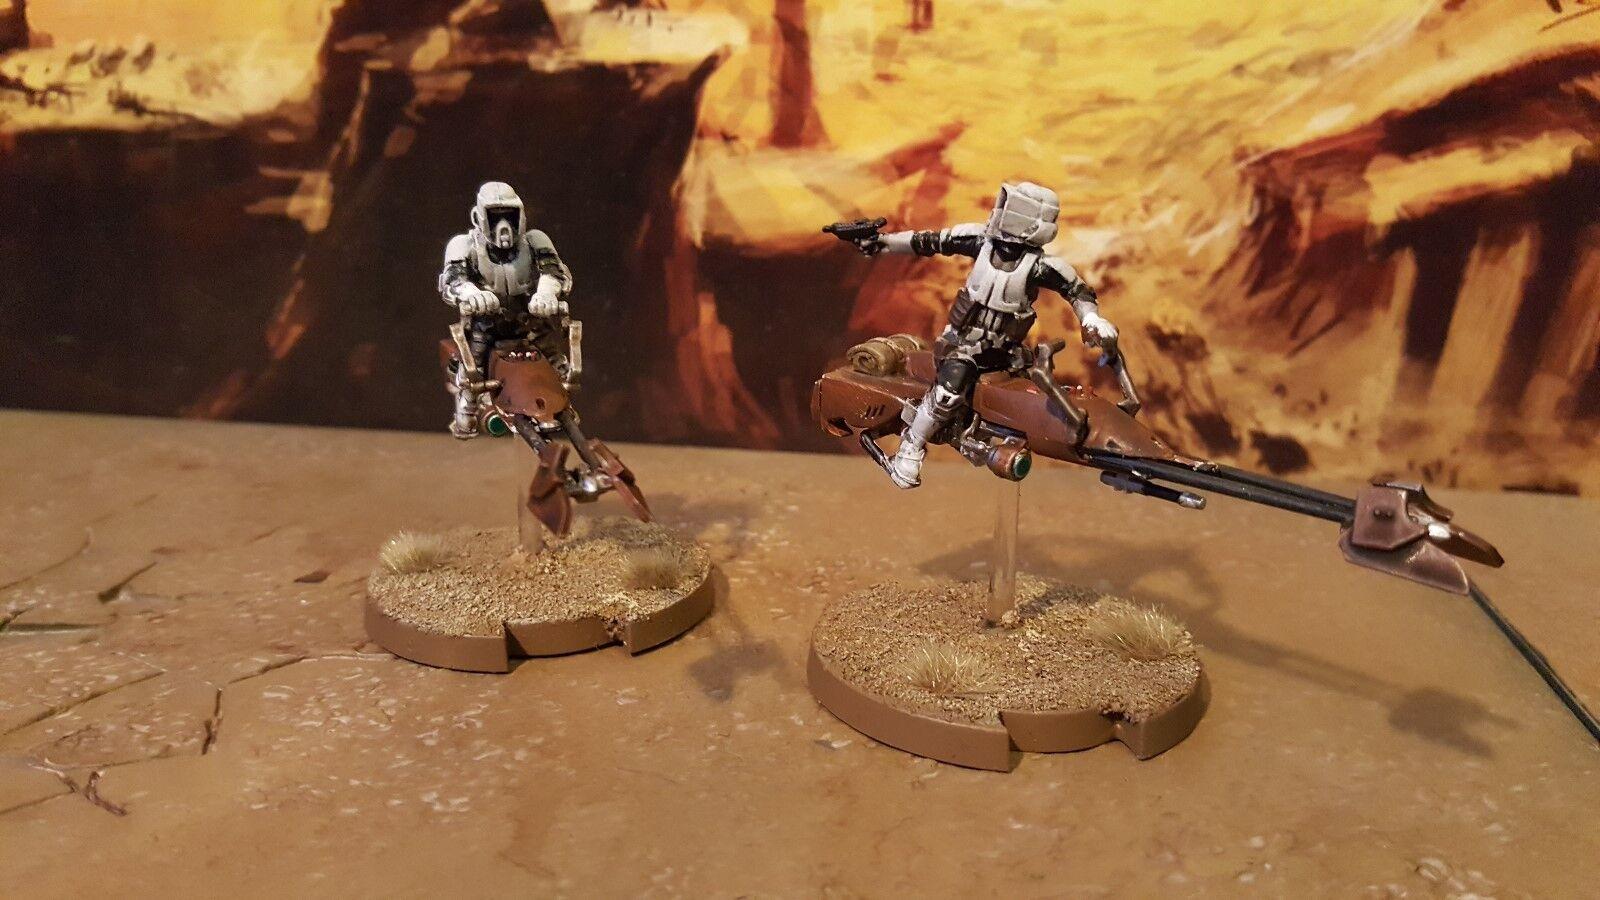 Star wars legion 74-Z speeder pro painted made to order